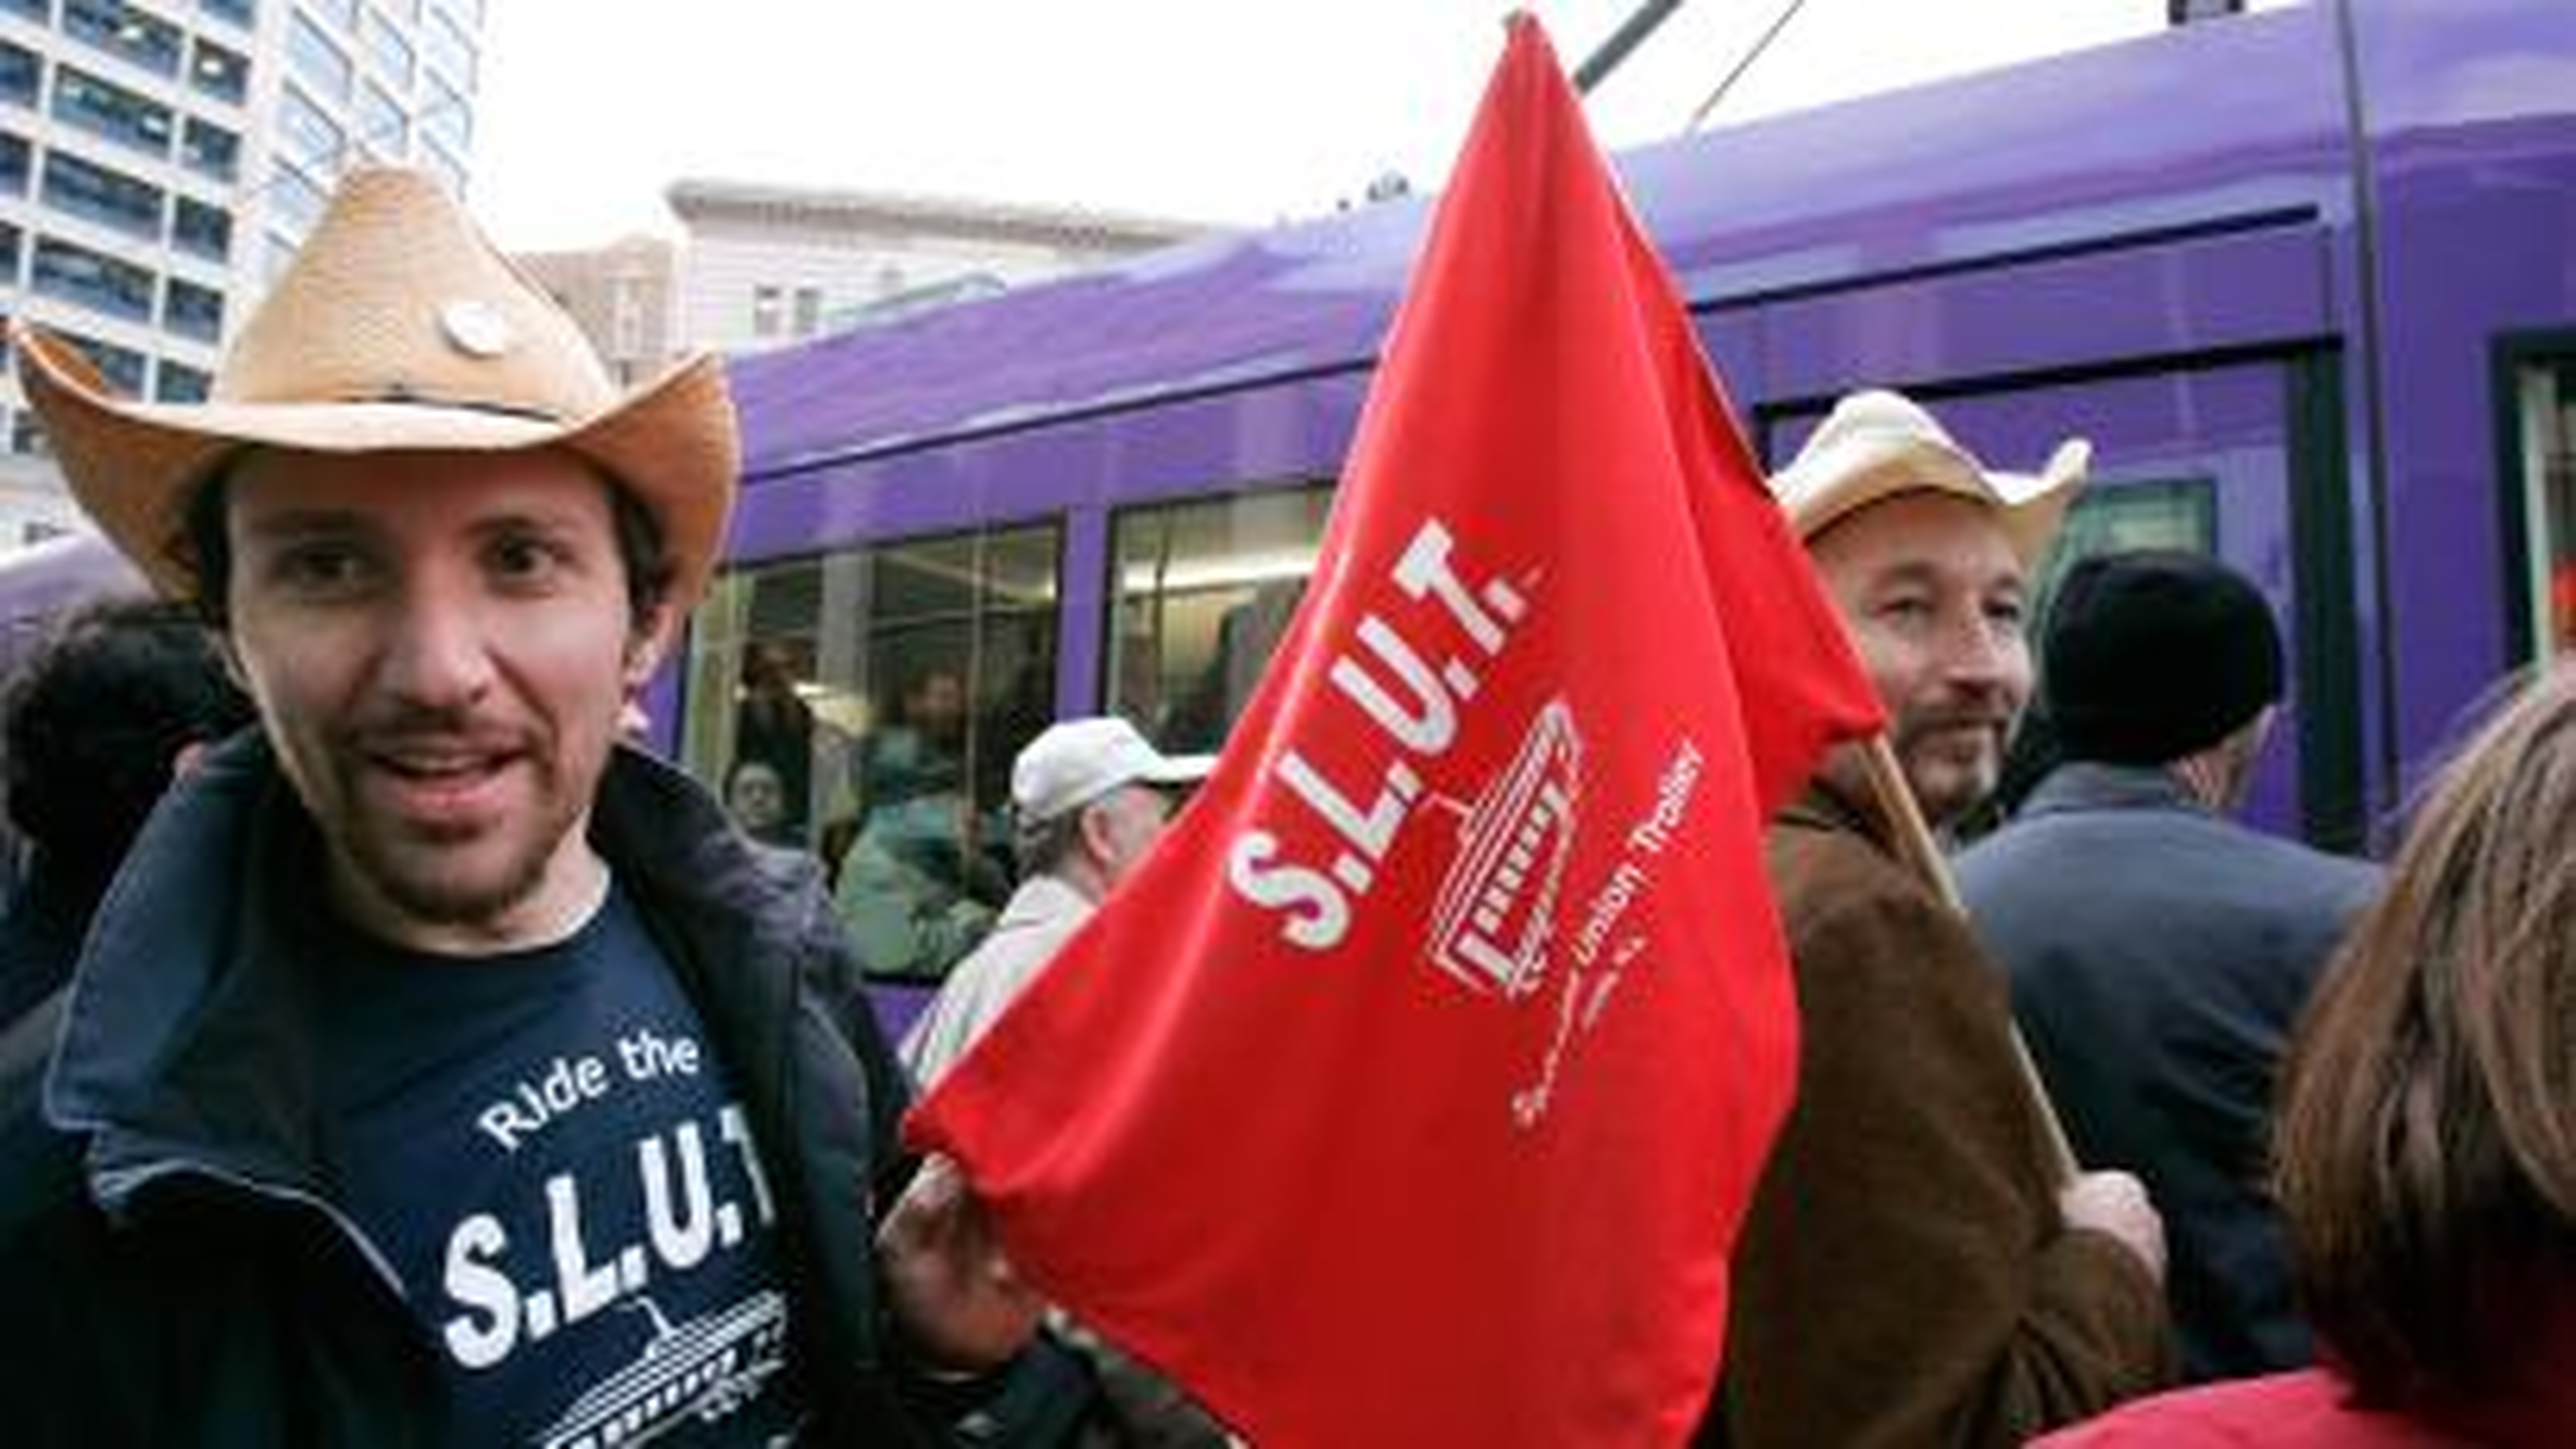 Seattle South Lake Union Streetcar